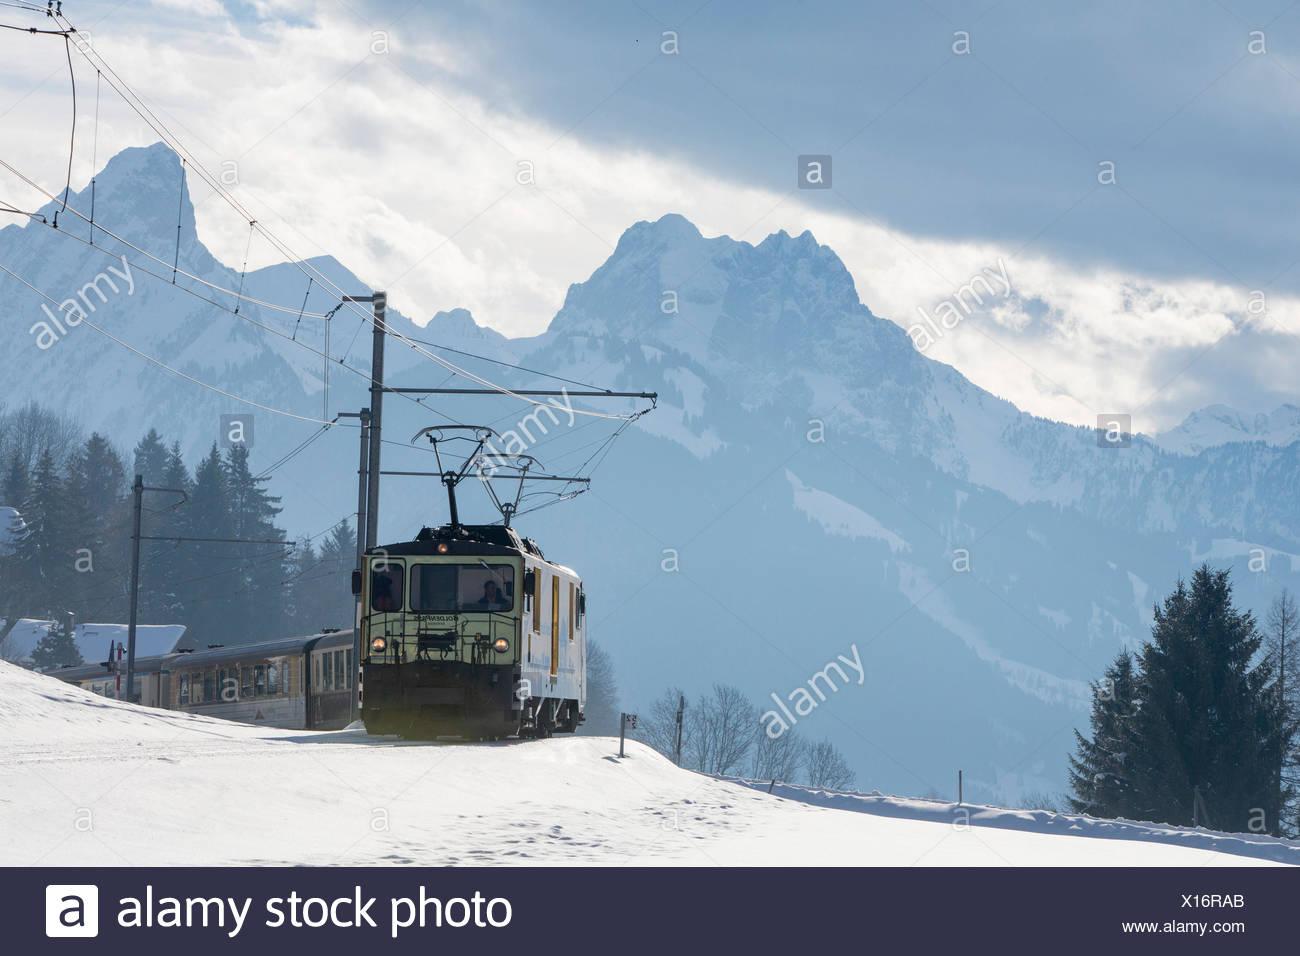 Saanenland, express, Golden Pass, Saanenmöser, montagne, montagnes, Winters, gare, train, chemin de fer, le canton de Berne, Switze Banque D'Images